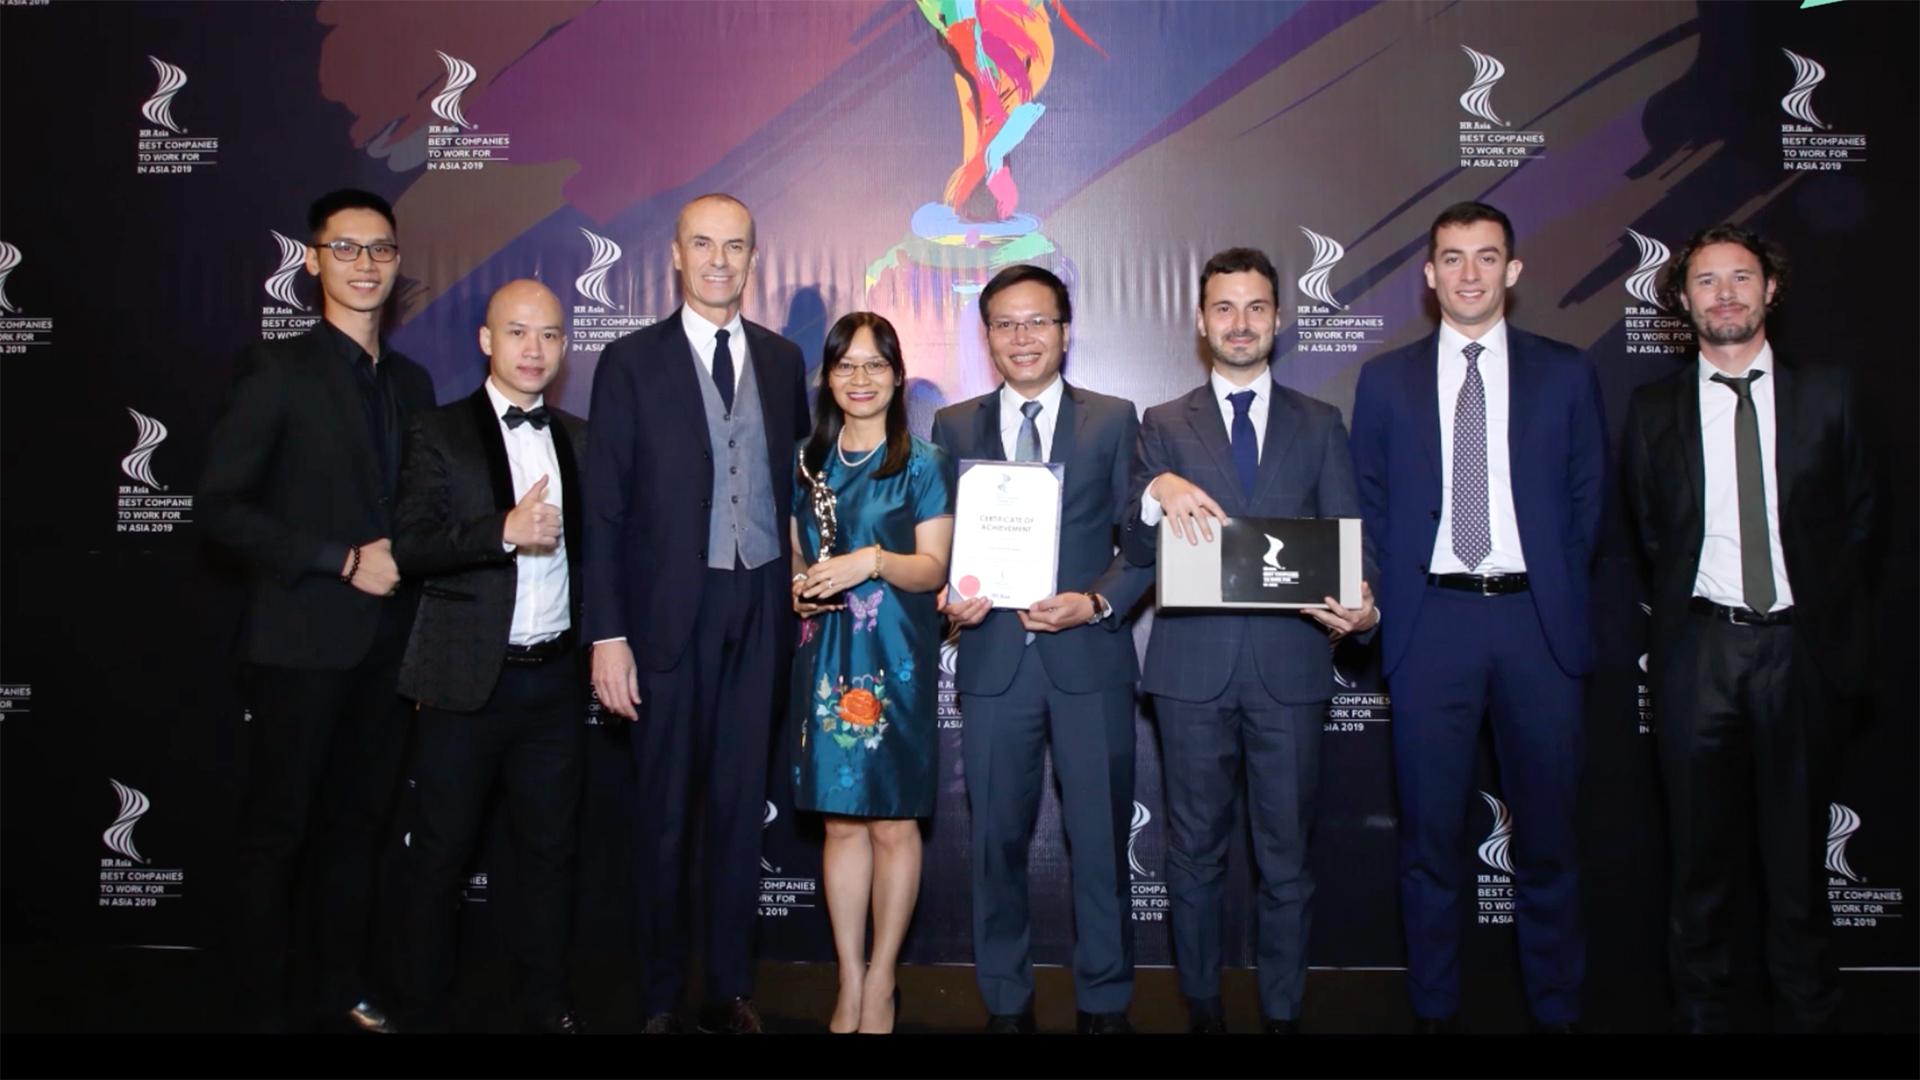 Piaggio Việt Nam vào top 51 công ty có môi trường làm việc tốt nhất